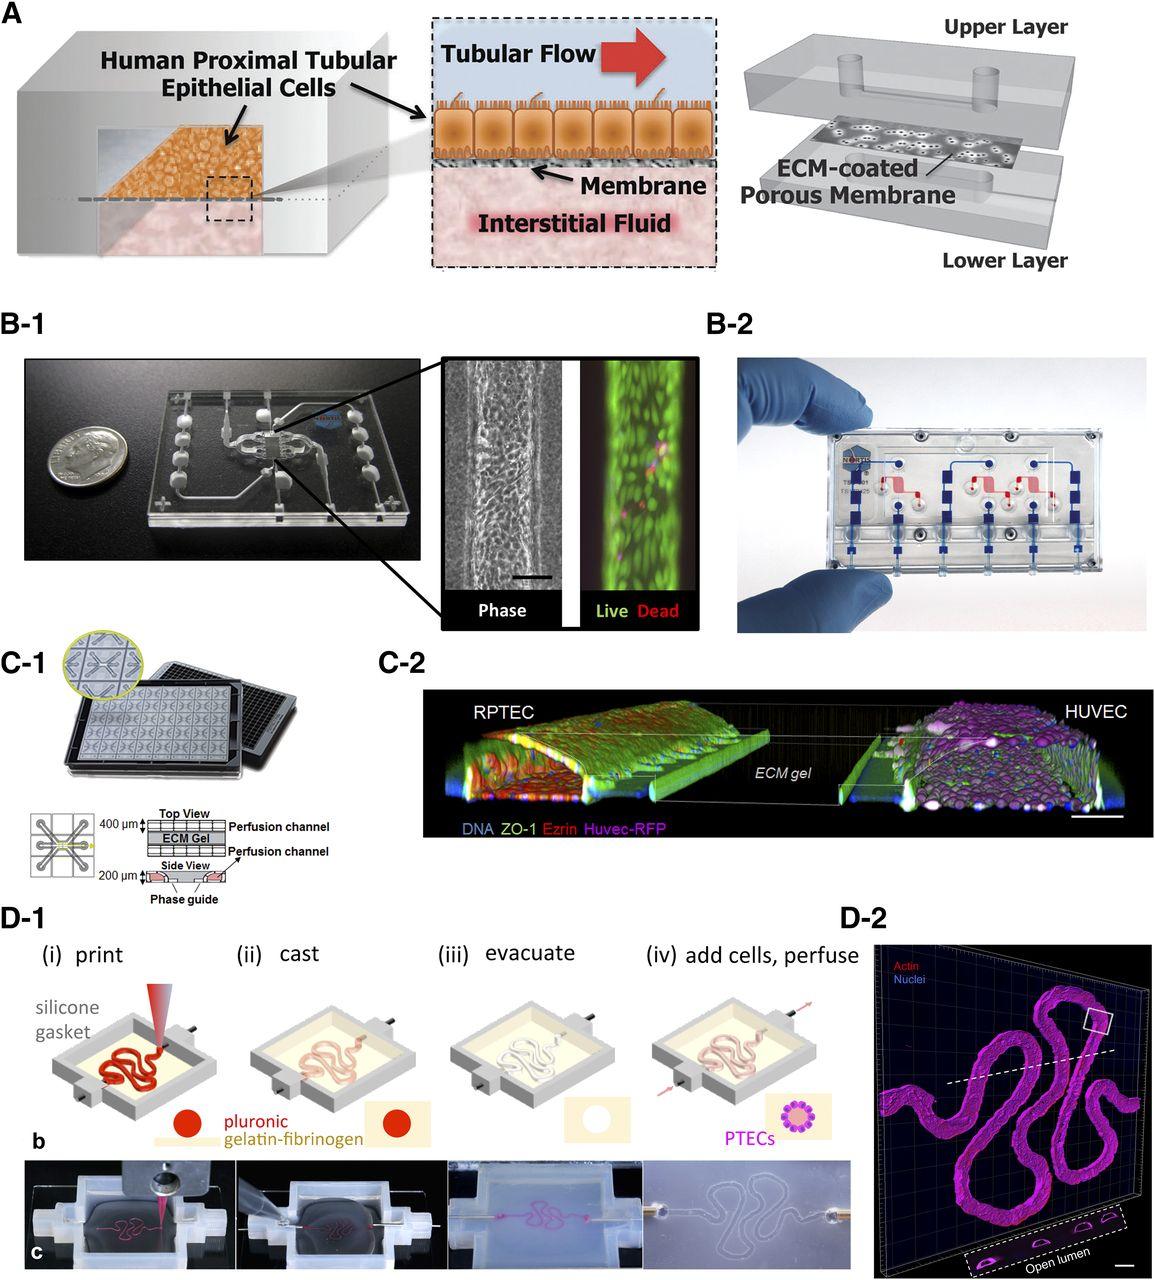 Emerging Kidney Models to Investigate Metabolism, Transport